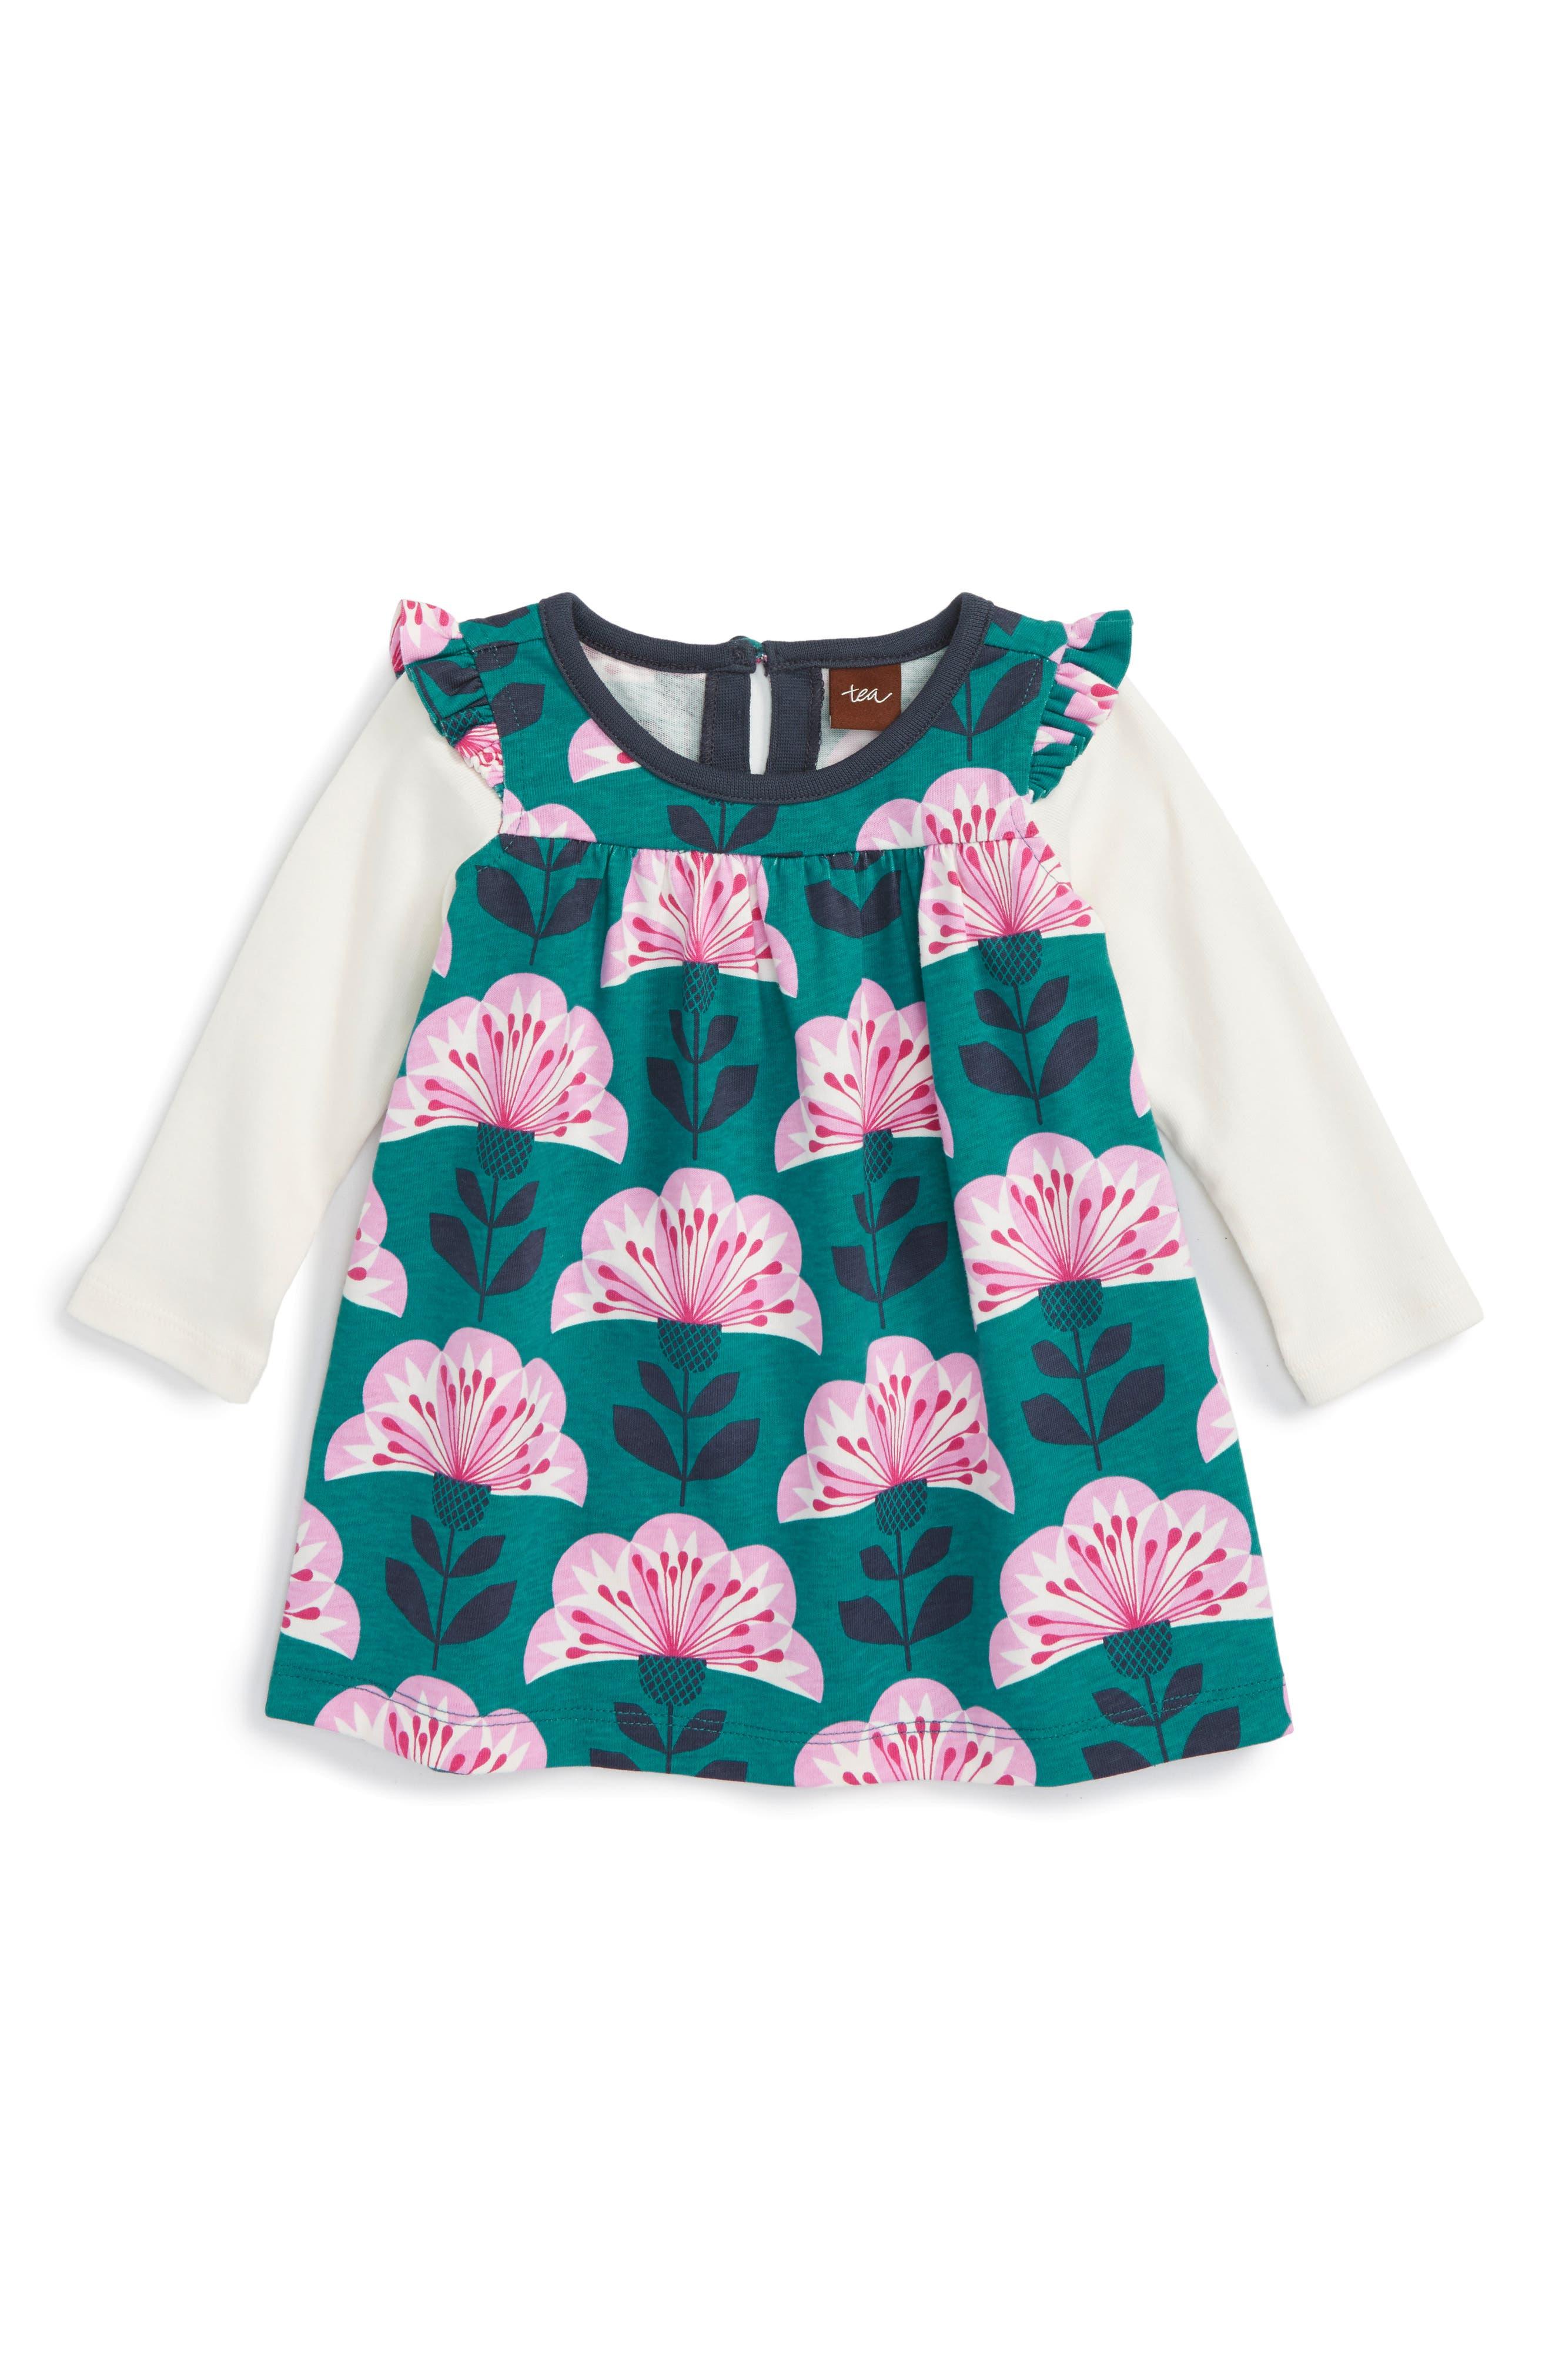 Double Decker Dress,                         Main,                         color, 443